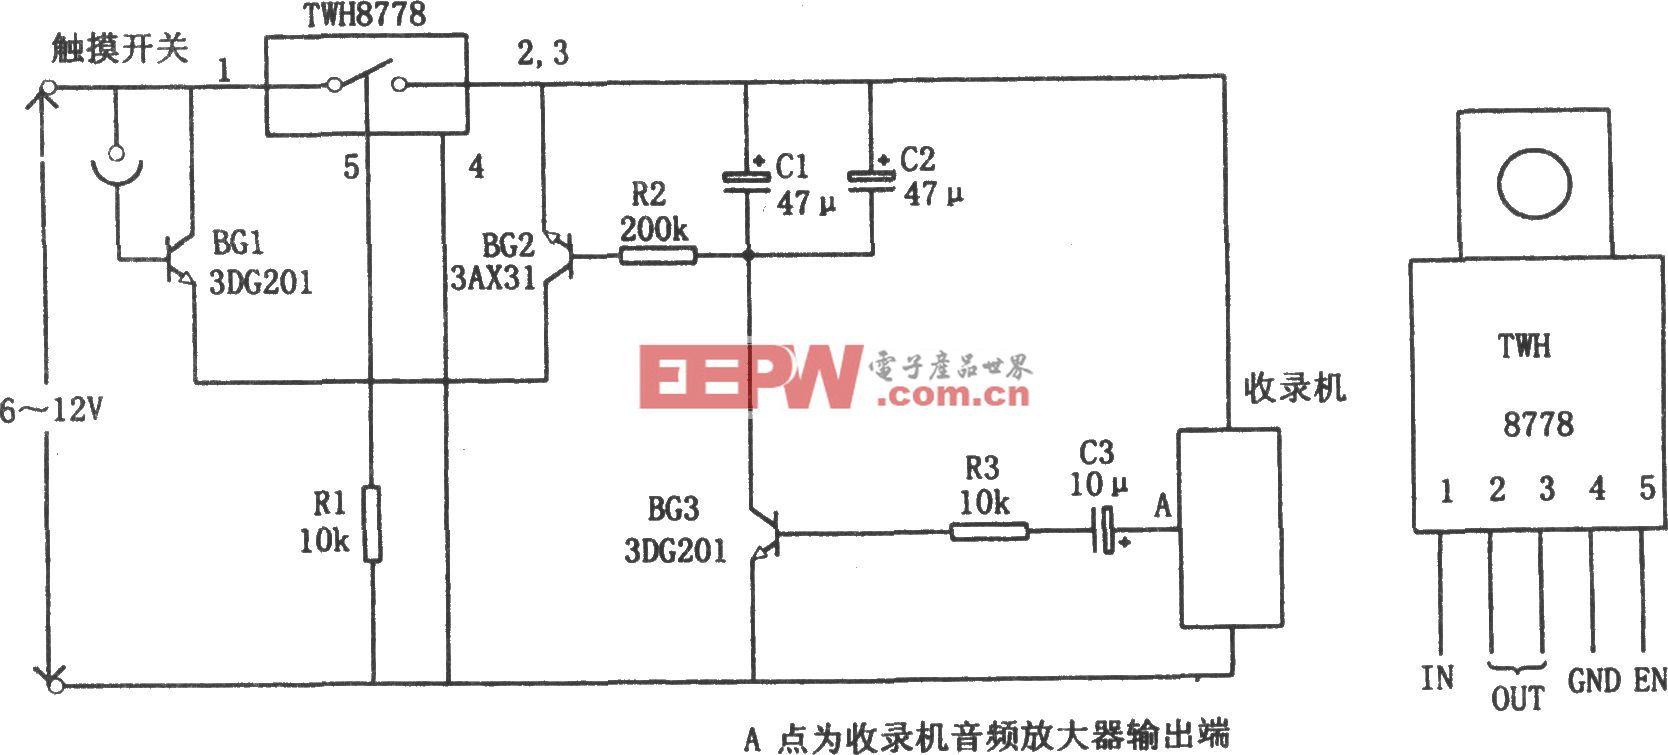 收录机自动关机电路(TWH8778)